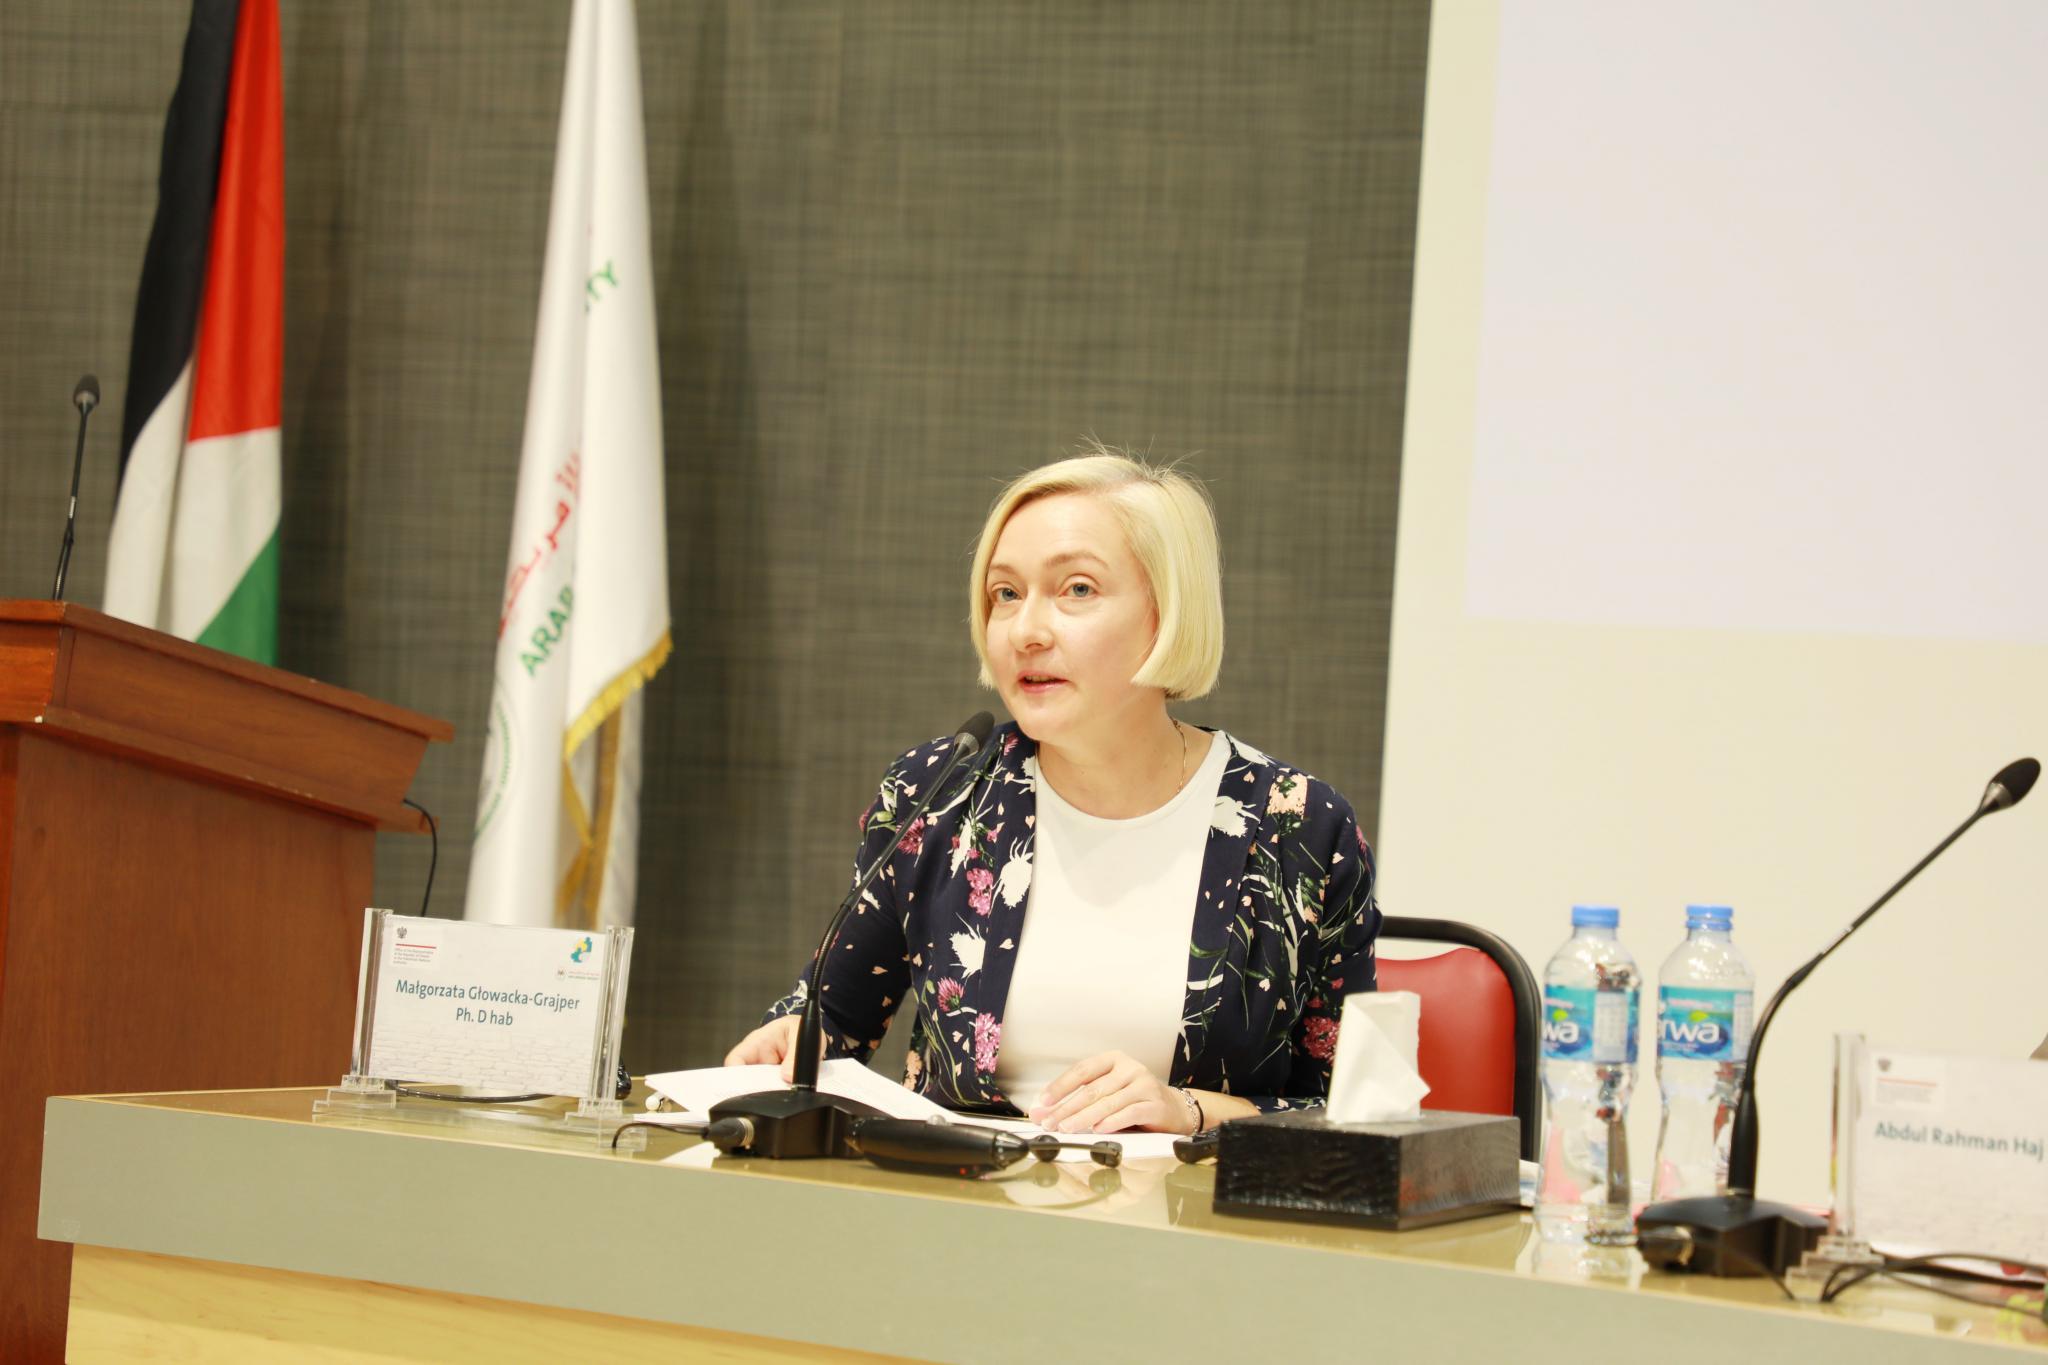 Dr. Małgorzata Głowacka-Grajper